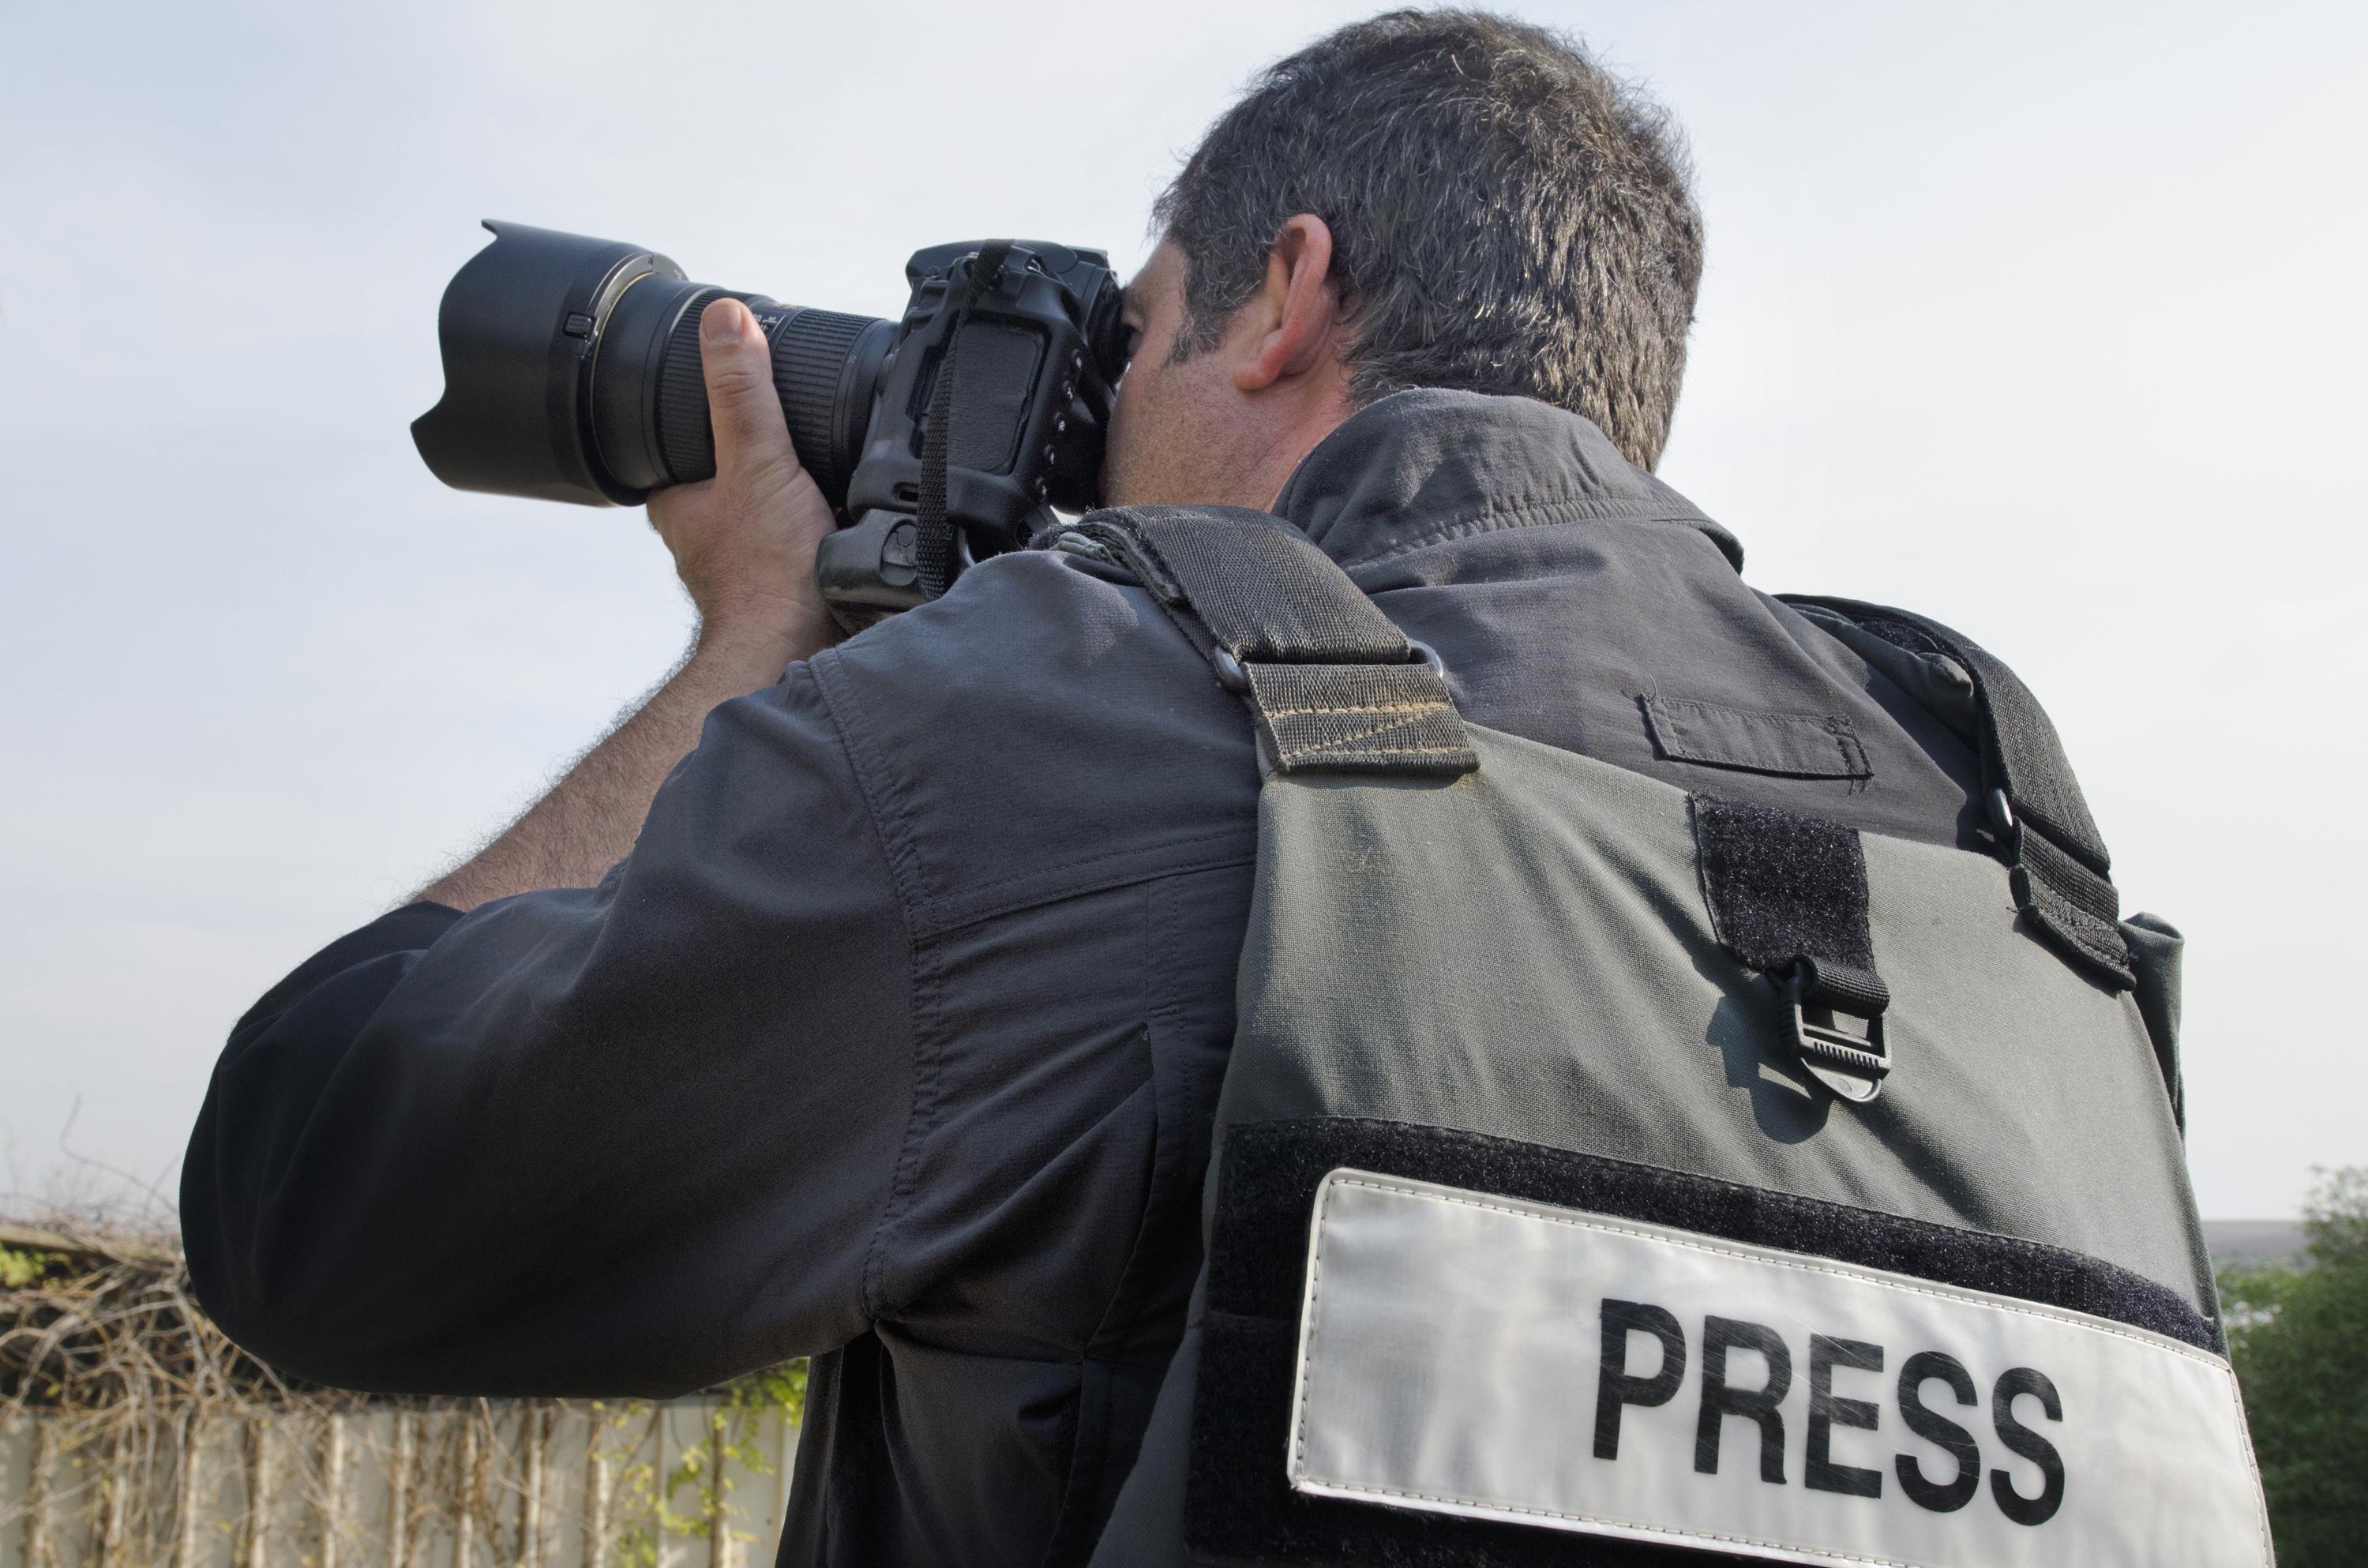 У 2016 році ГПУ передала до суду 12 справ щодо порушень прав журналістів - ІМІ